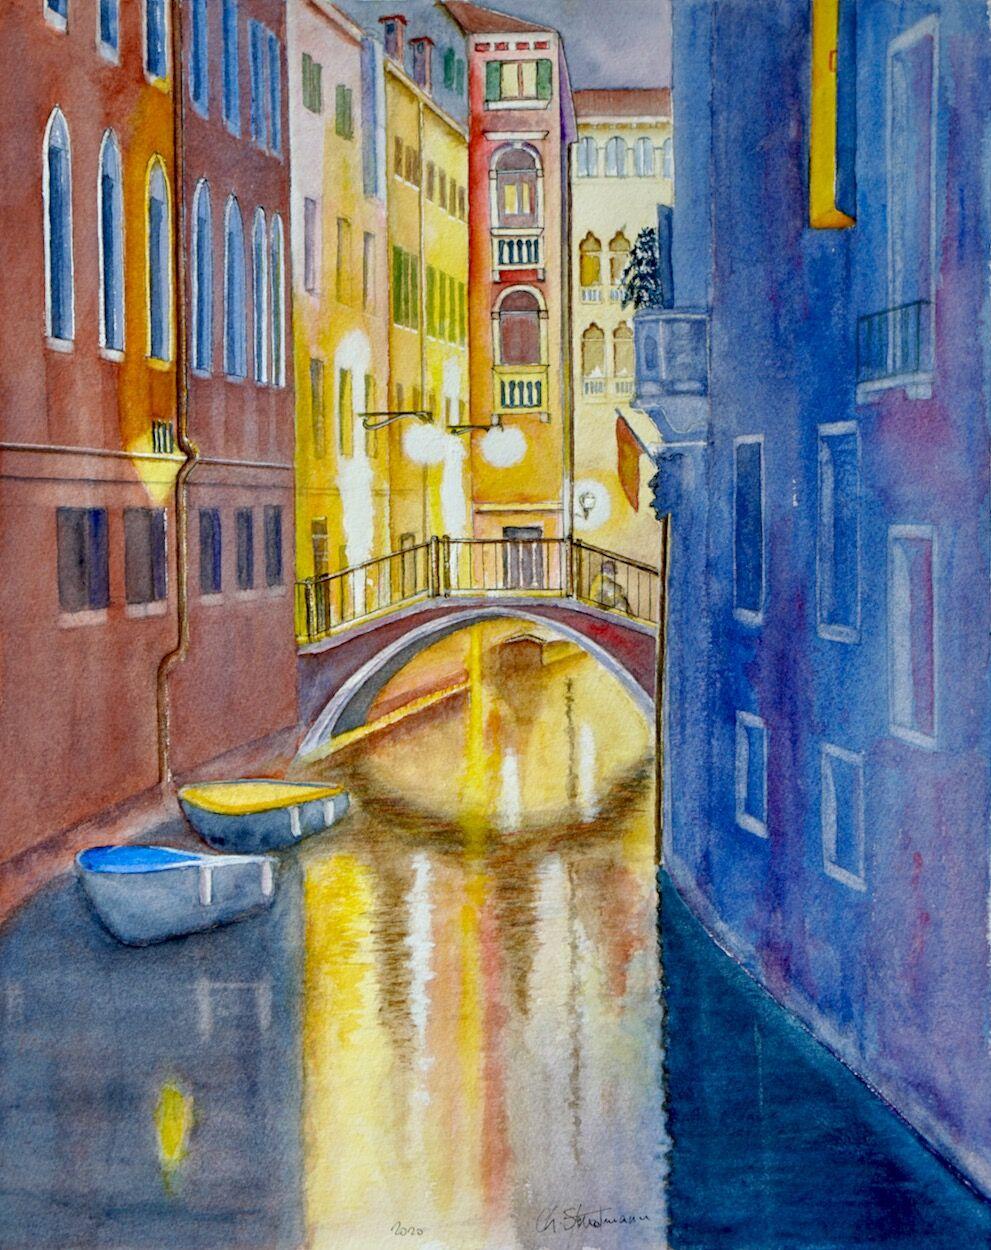 Duo - Canal de Venise de nuit - Venice canal by night